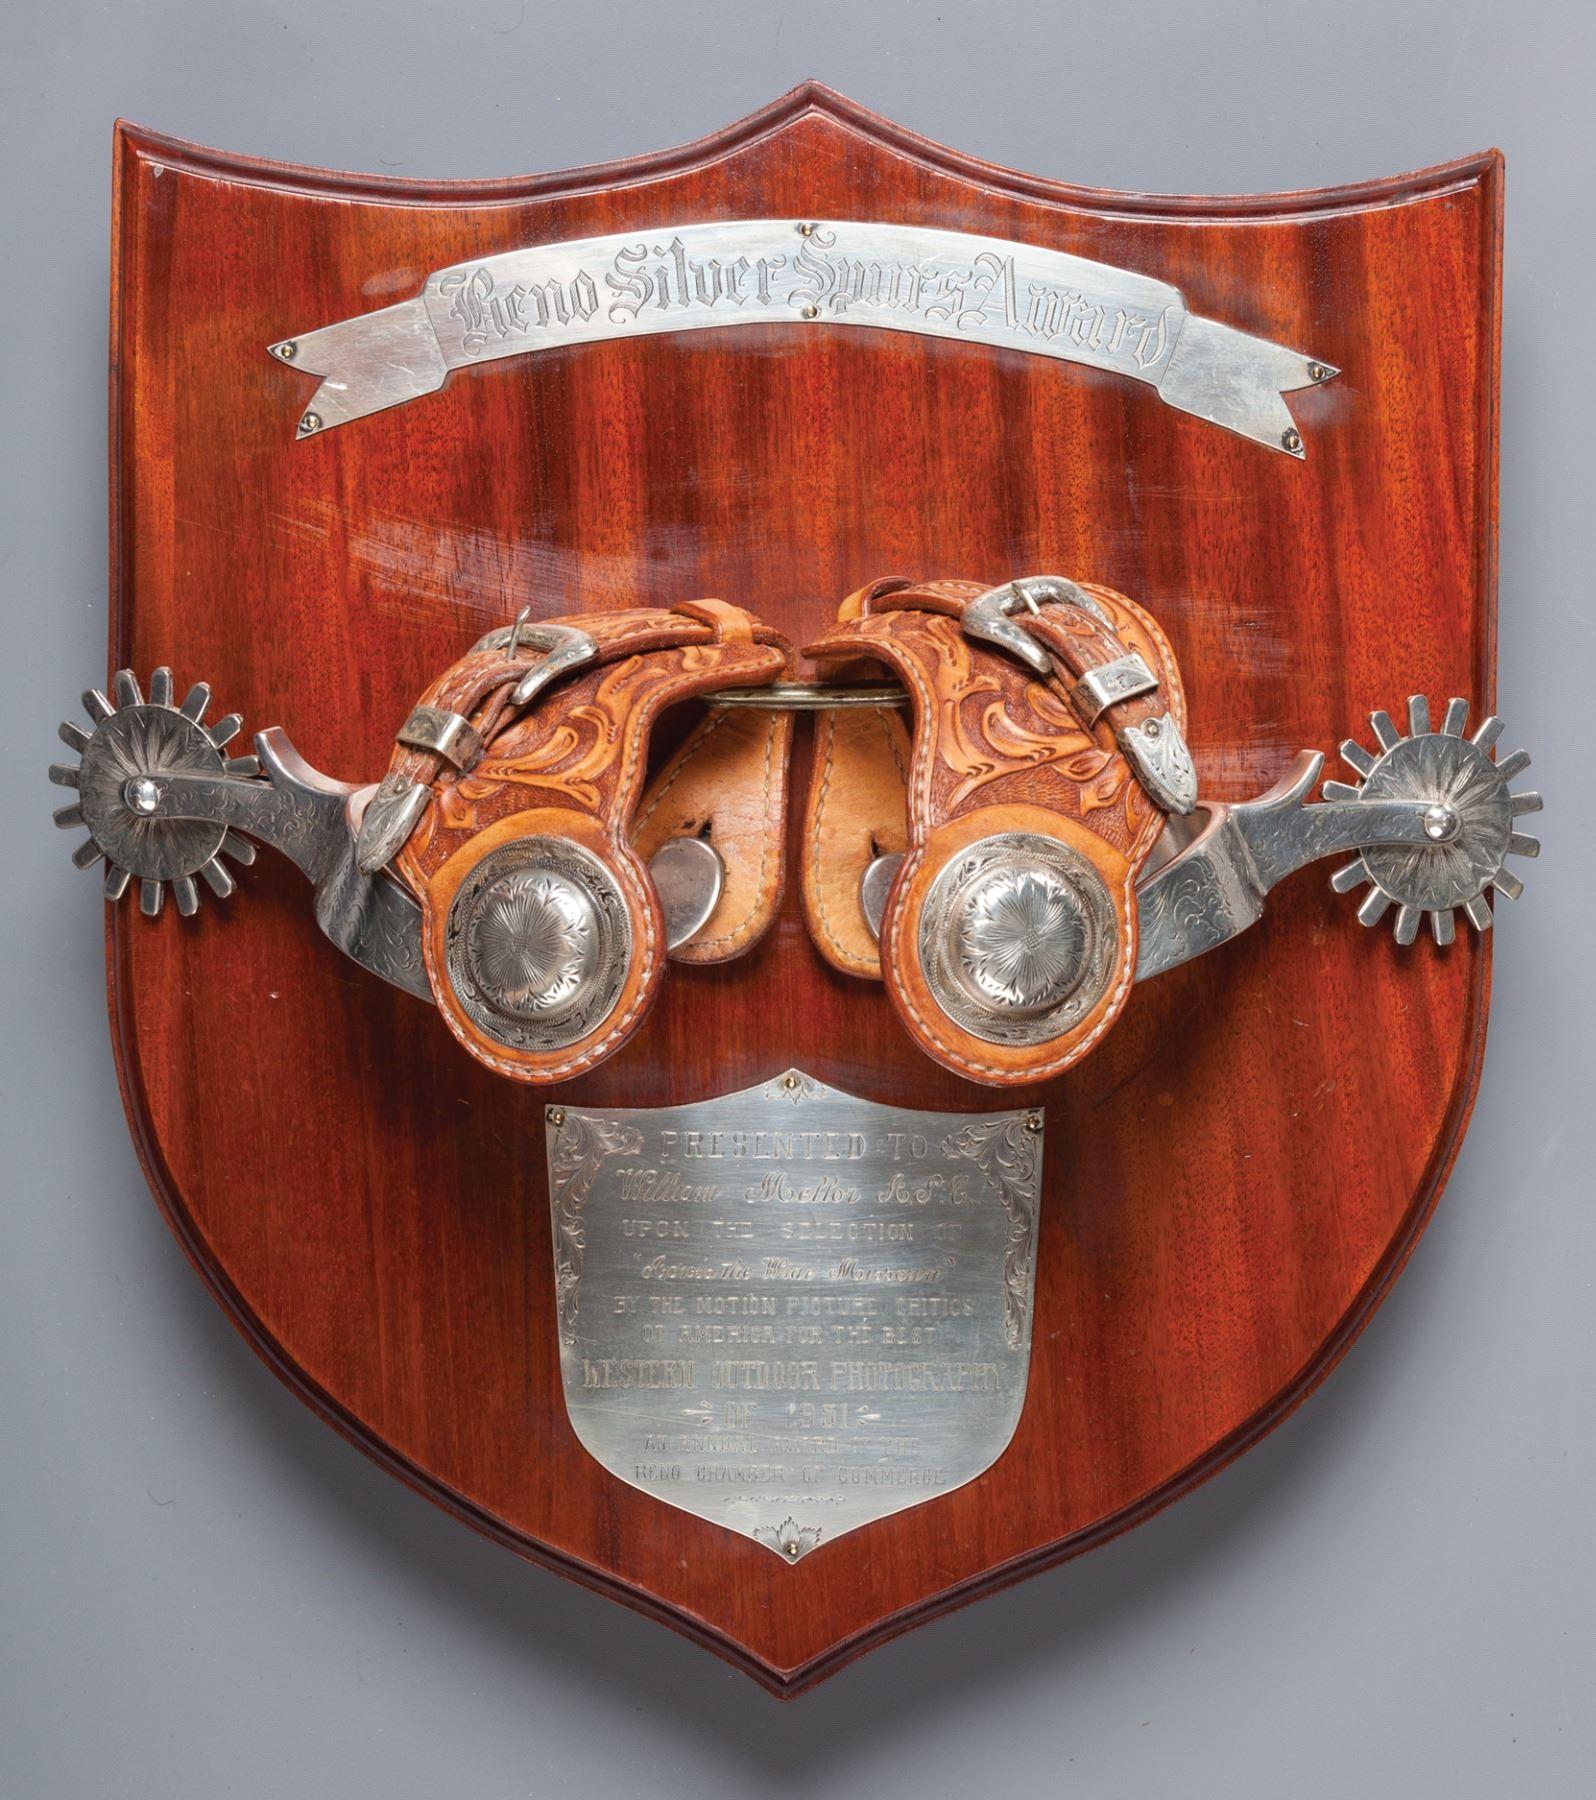 Reno Silver Spur Award 1951